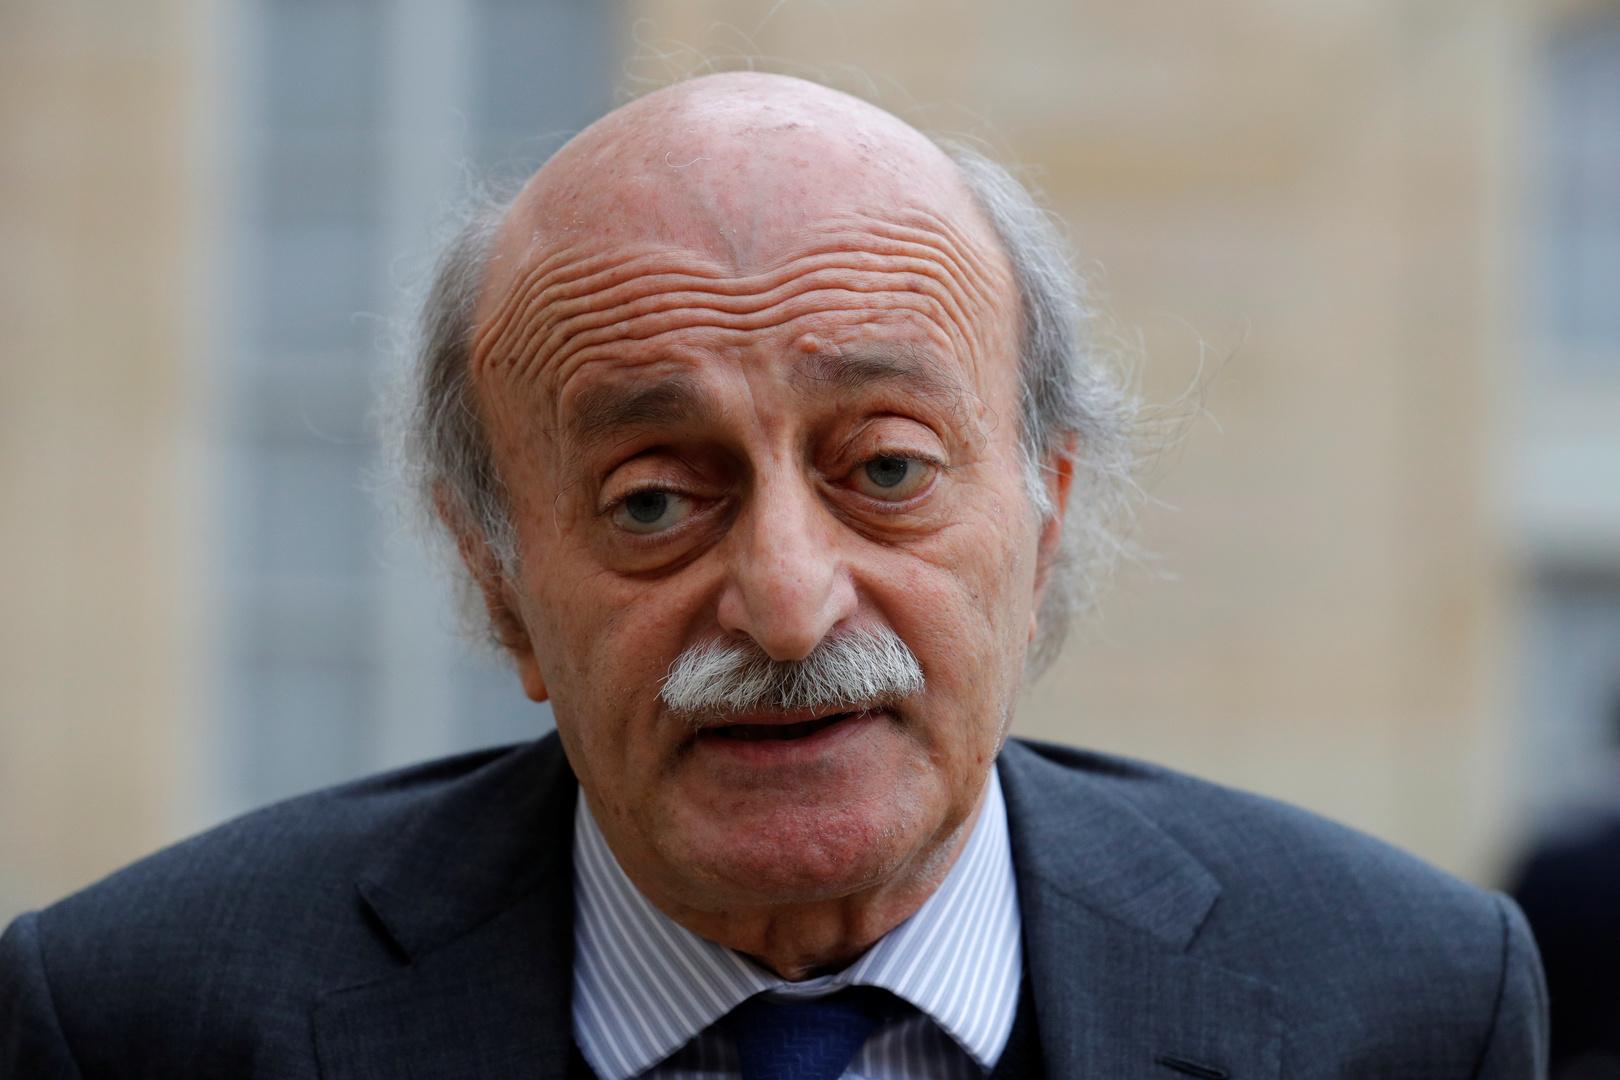 رئيس الحزب التقدمي الإشتراكي اللبناني وليد جنبلاط